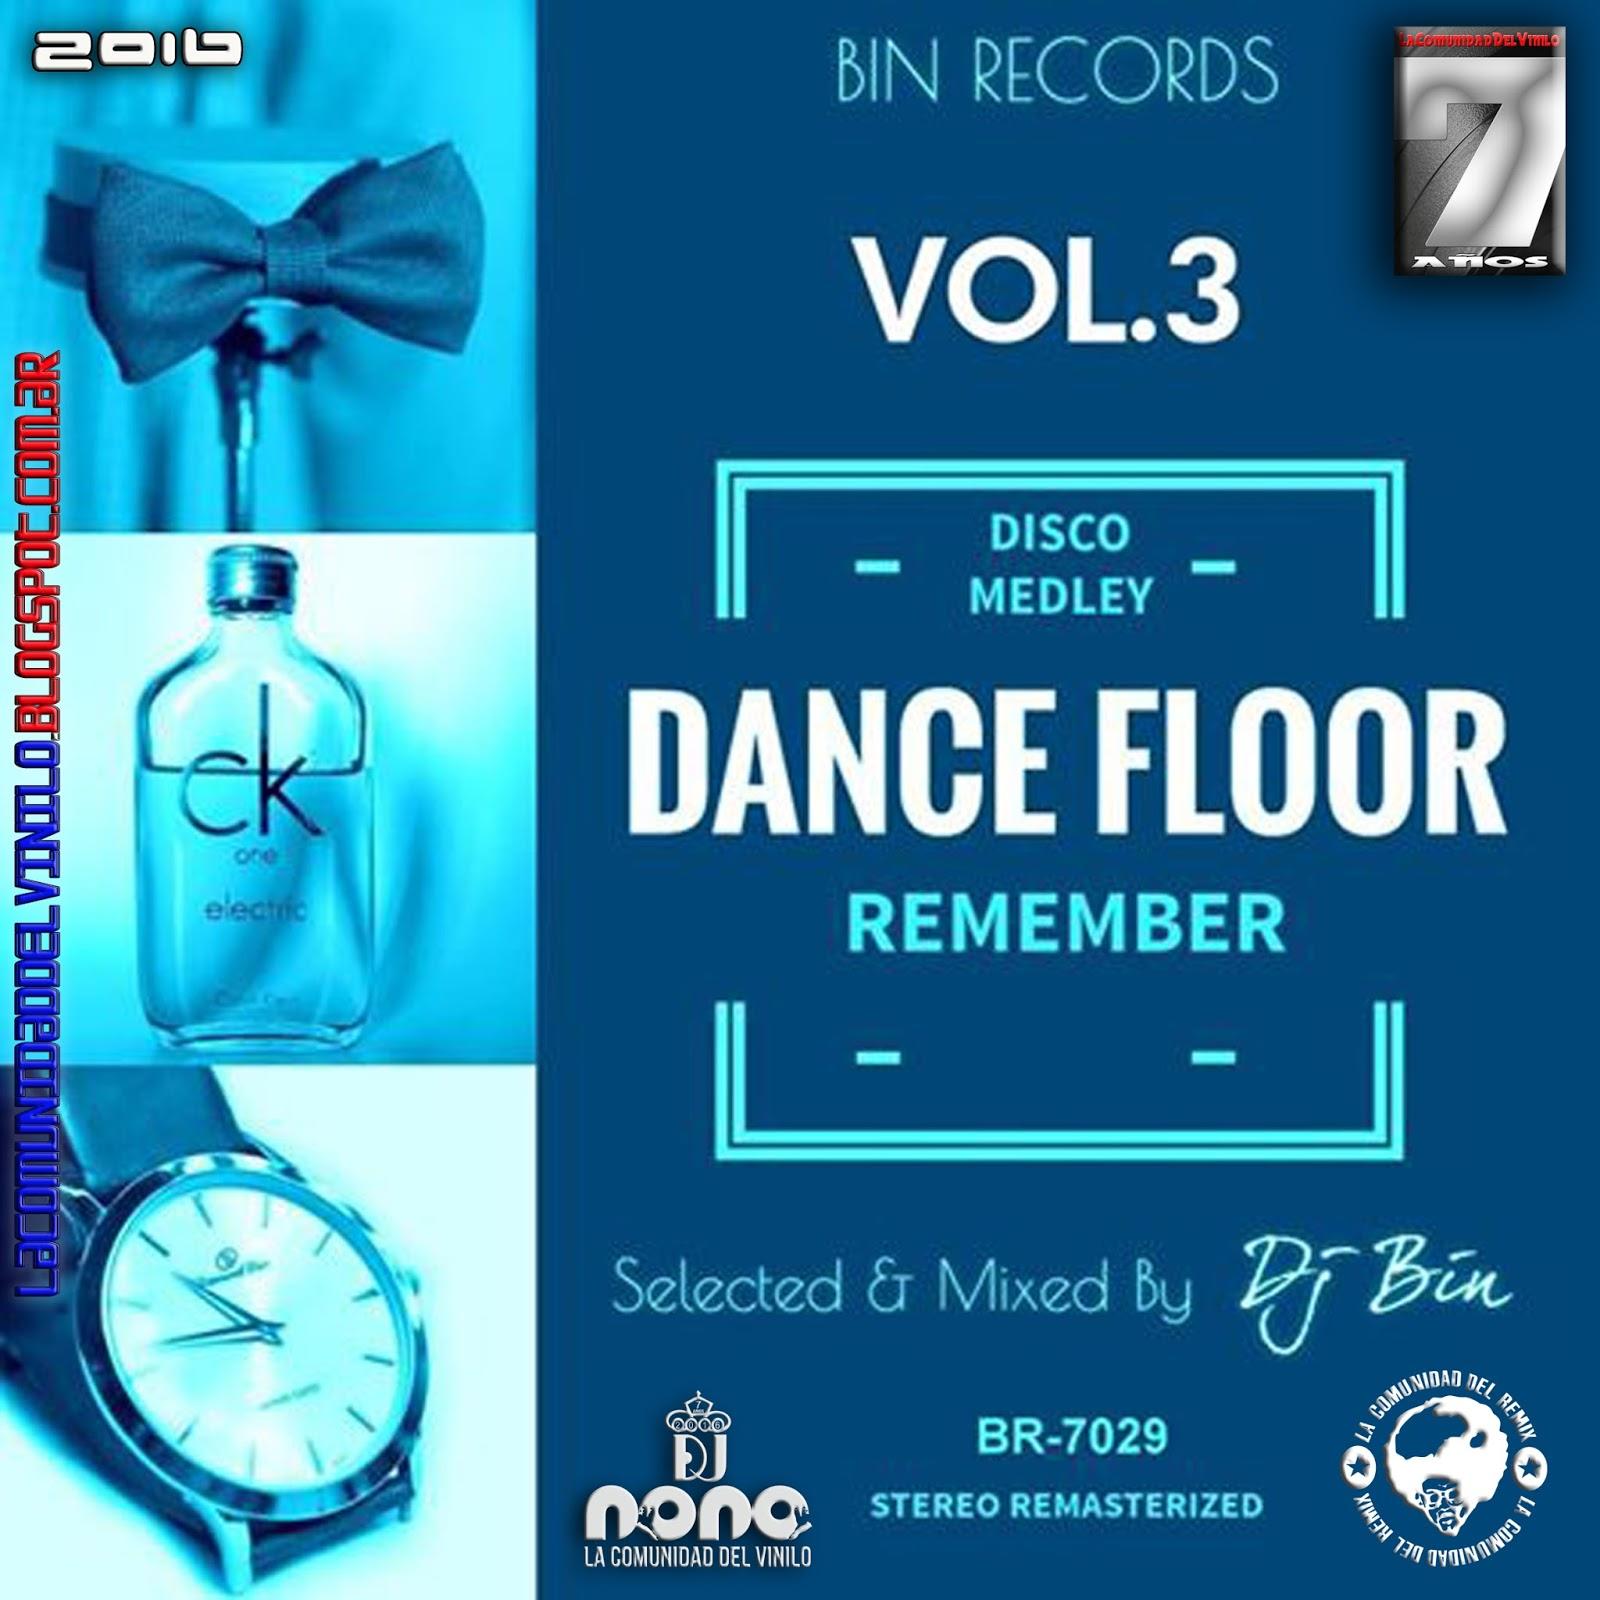 La comunidad del remix dance floor remember vol 3 dj bin for 1 2 3 4 dance floor